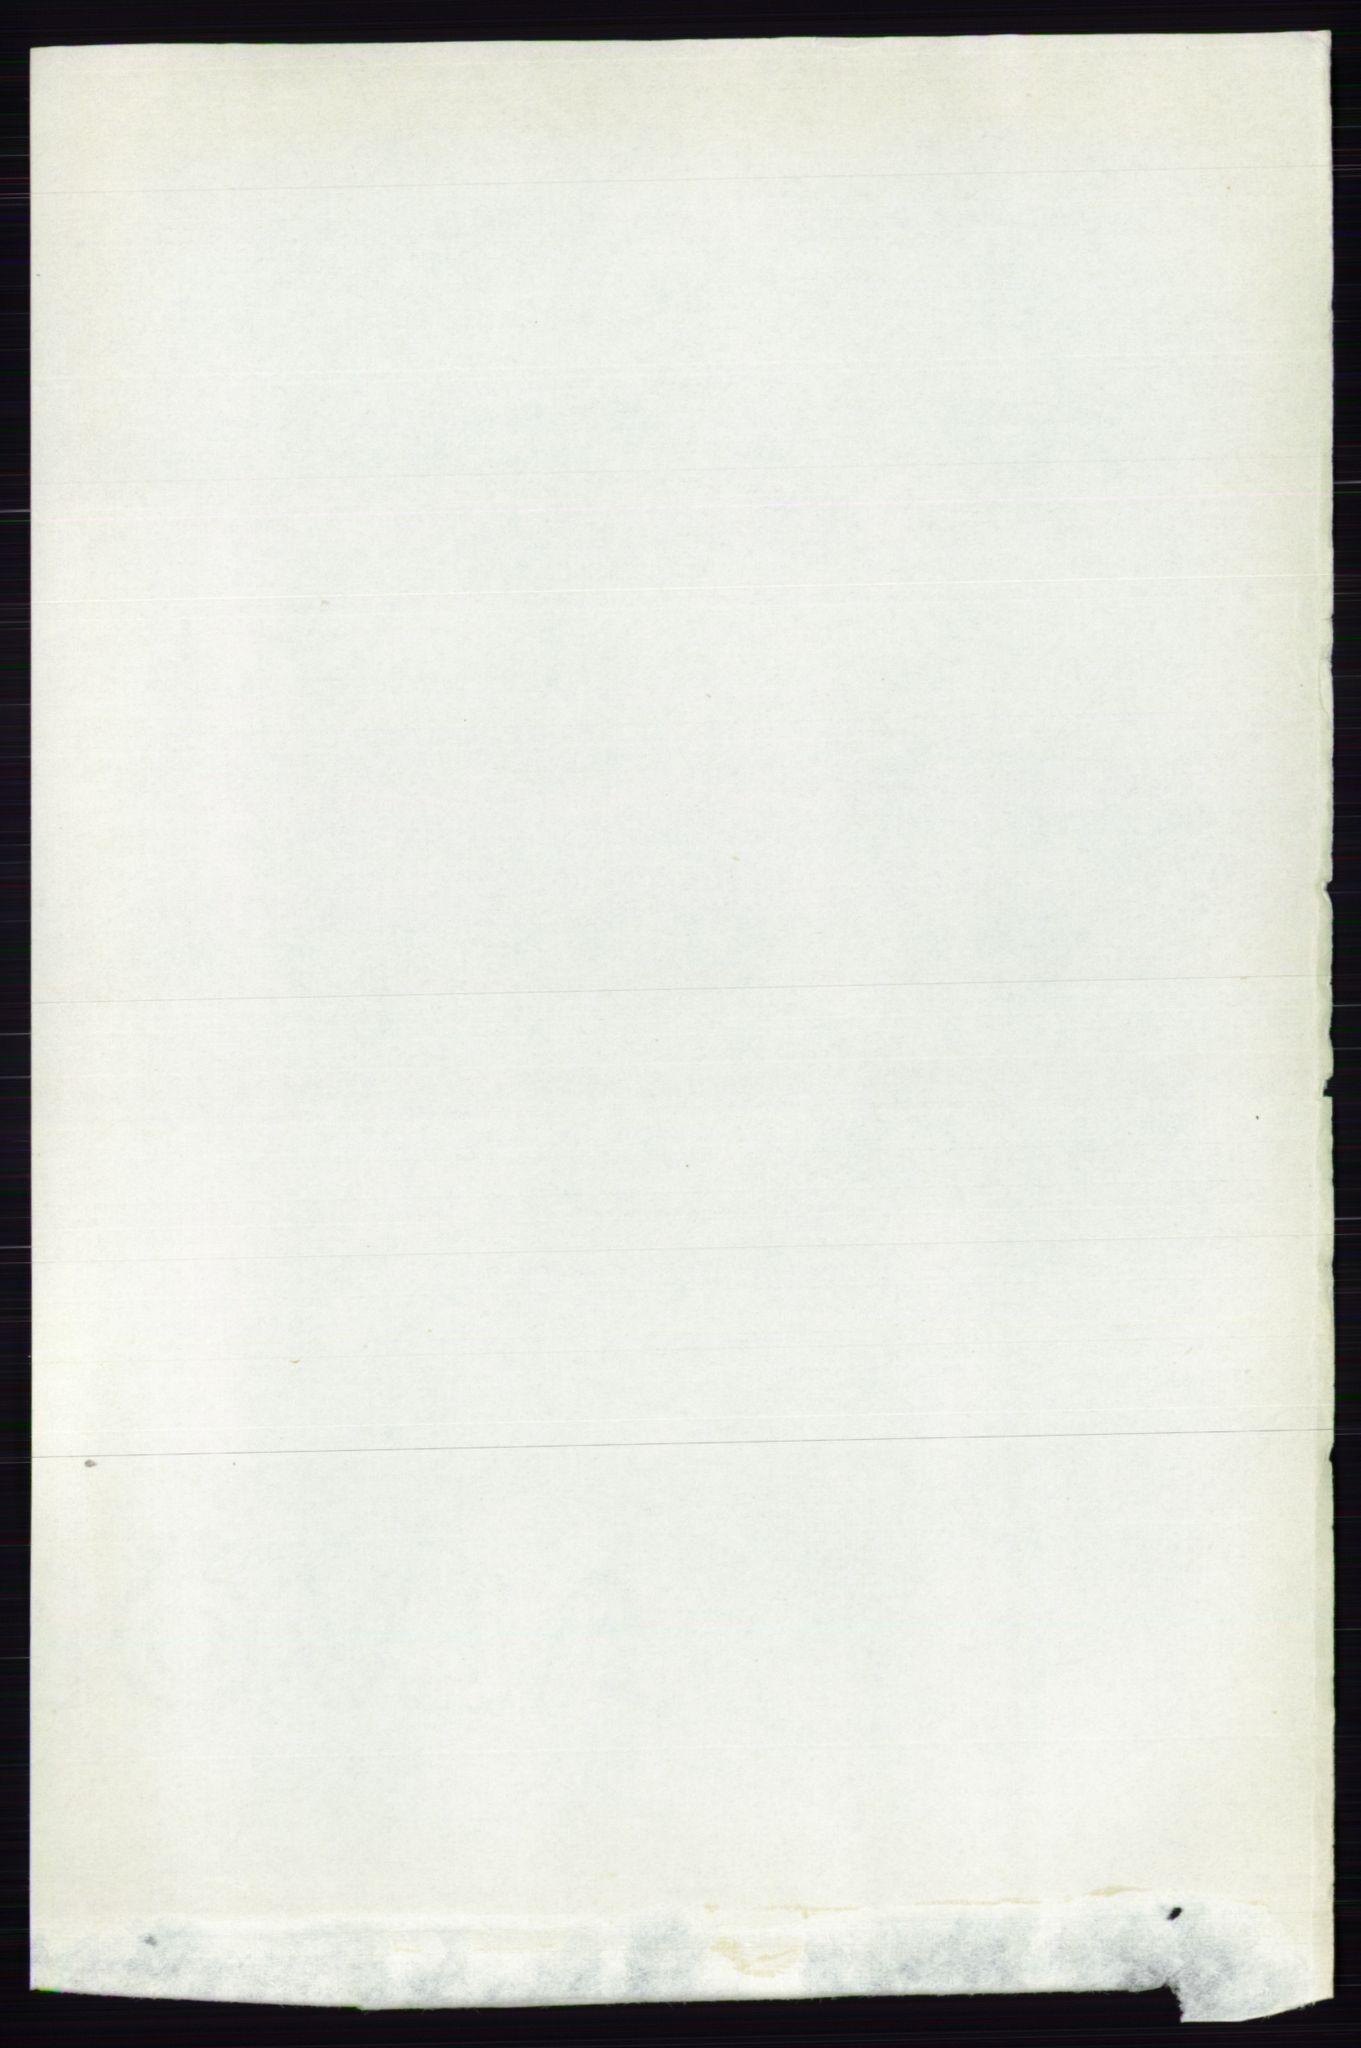 RA, Folketelling 1891 for 0127 Skiptvet herred, 1891, s. 465